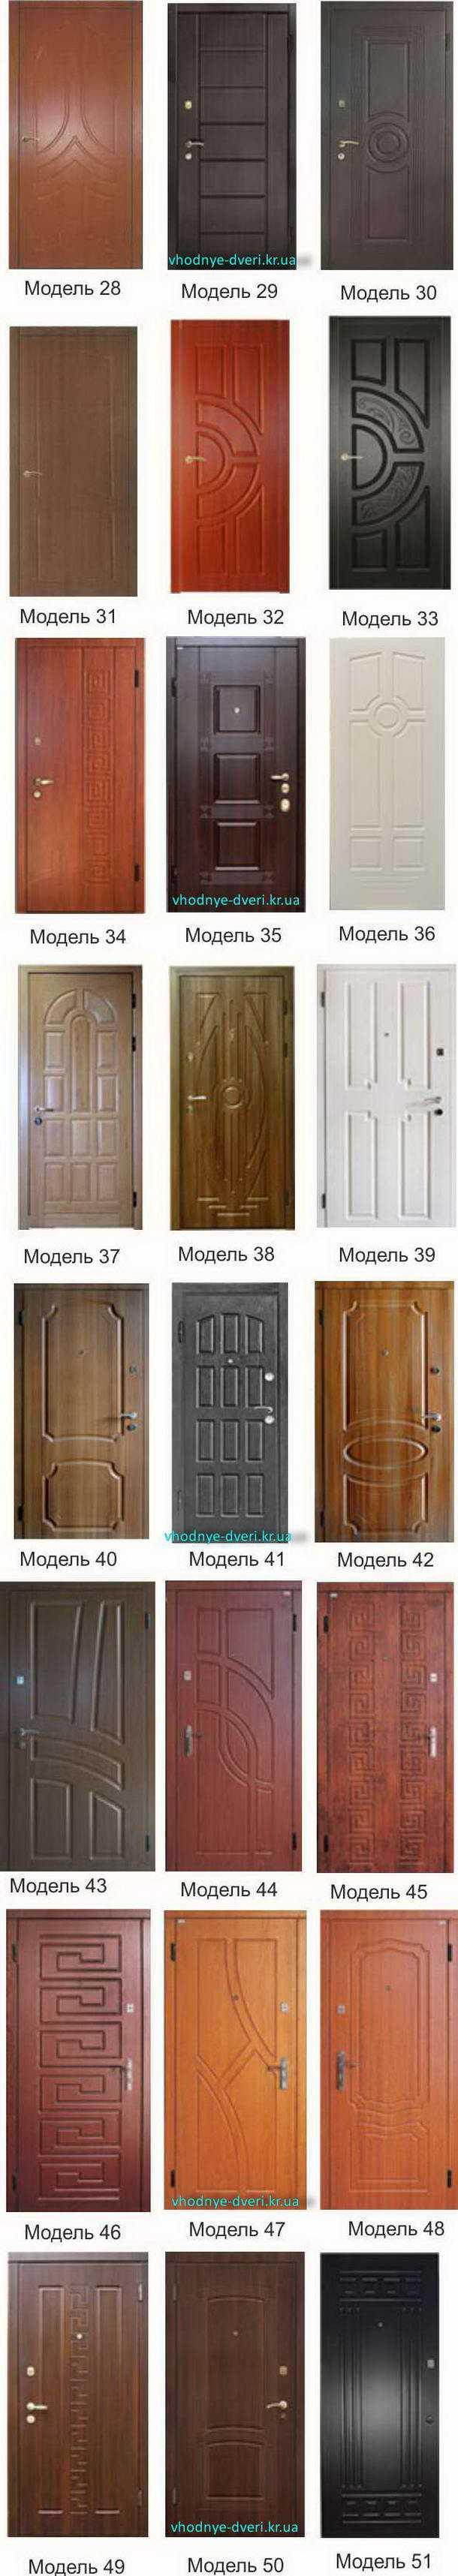 Фото накладок на входные дверь ДверьПром Украина